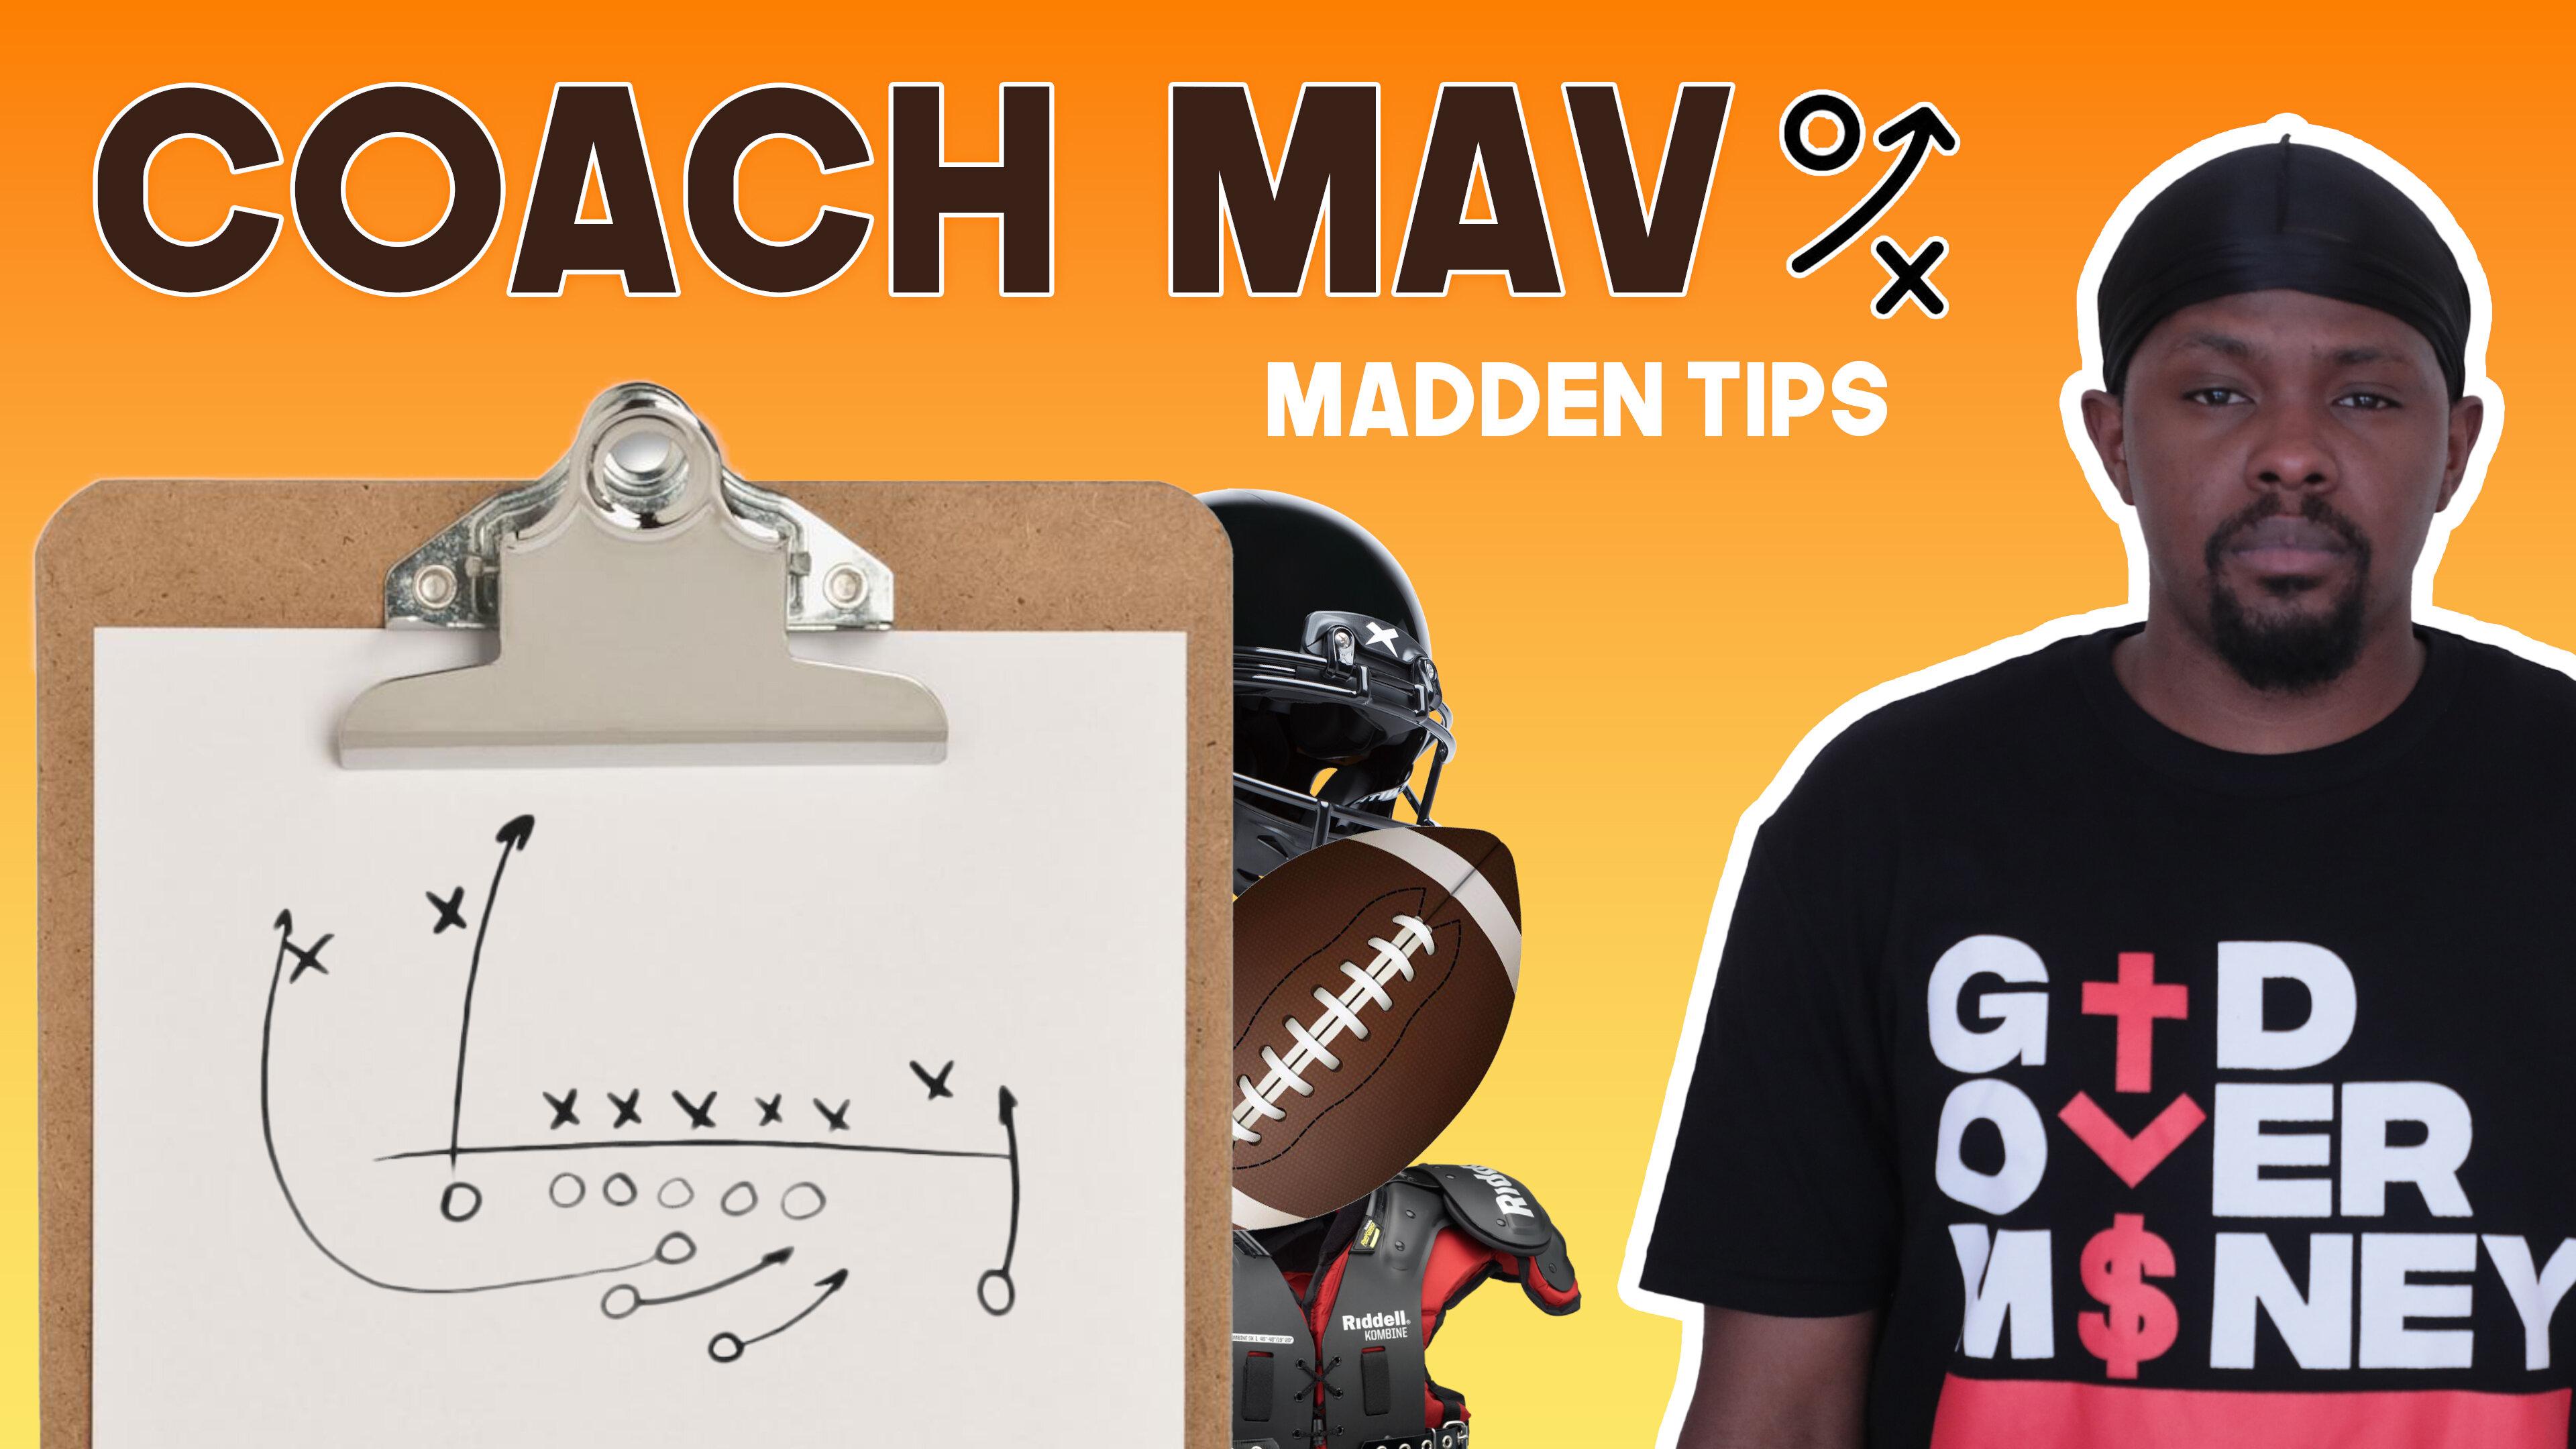 Coach Mav